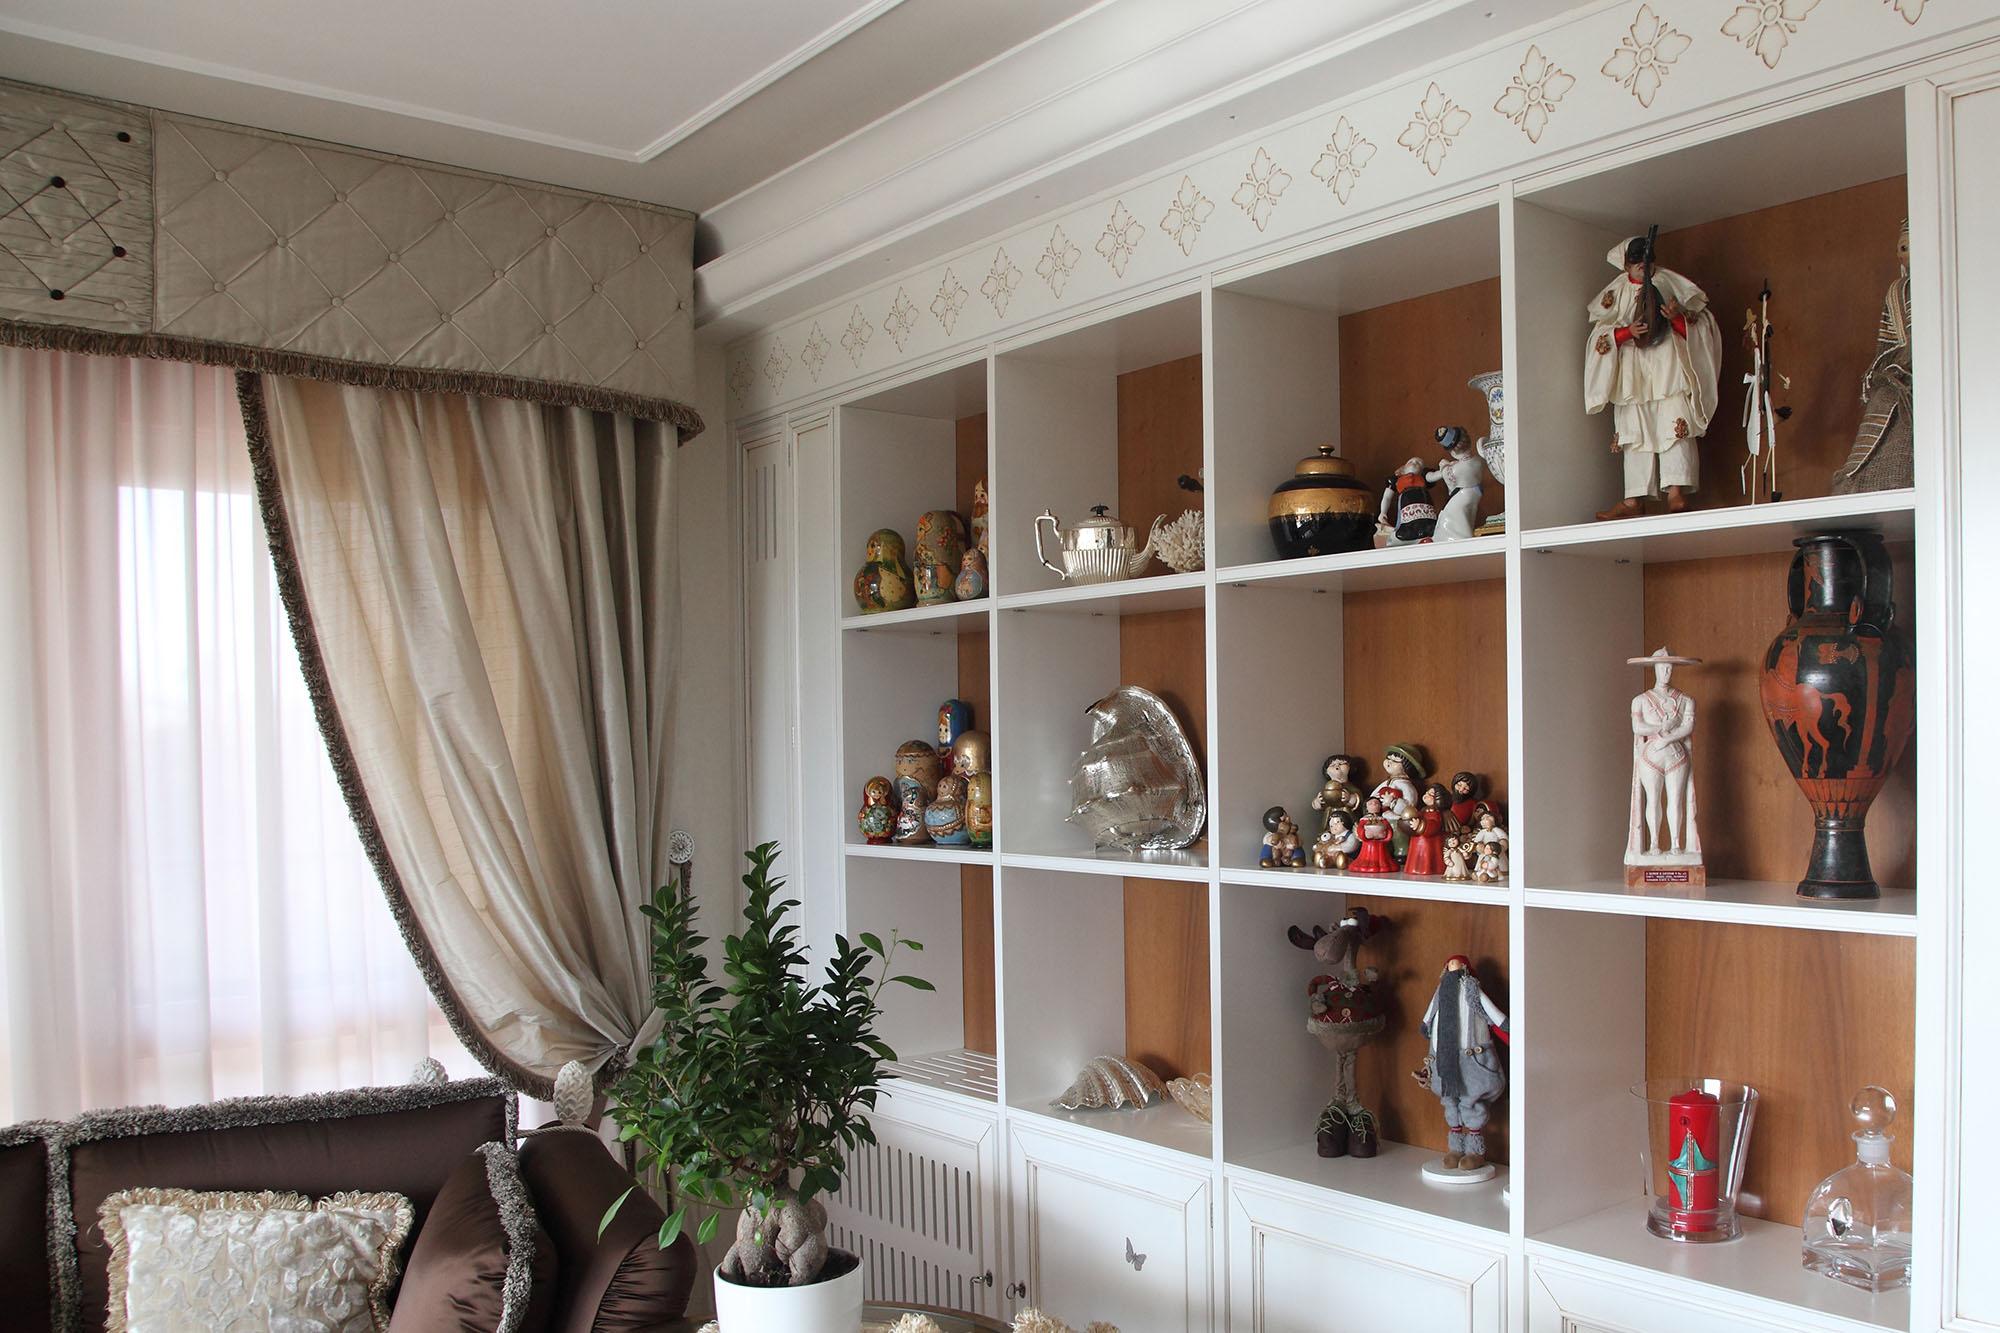 Benedetti domus u2013 arredamento e design in stile classico u2013 roma